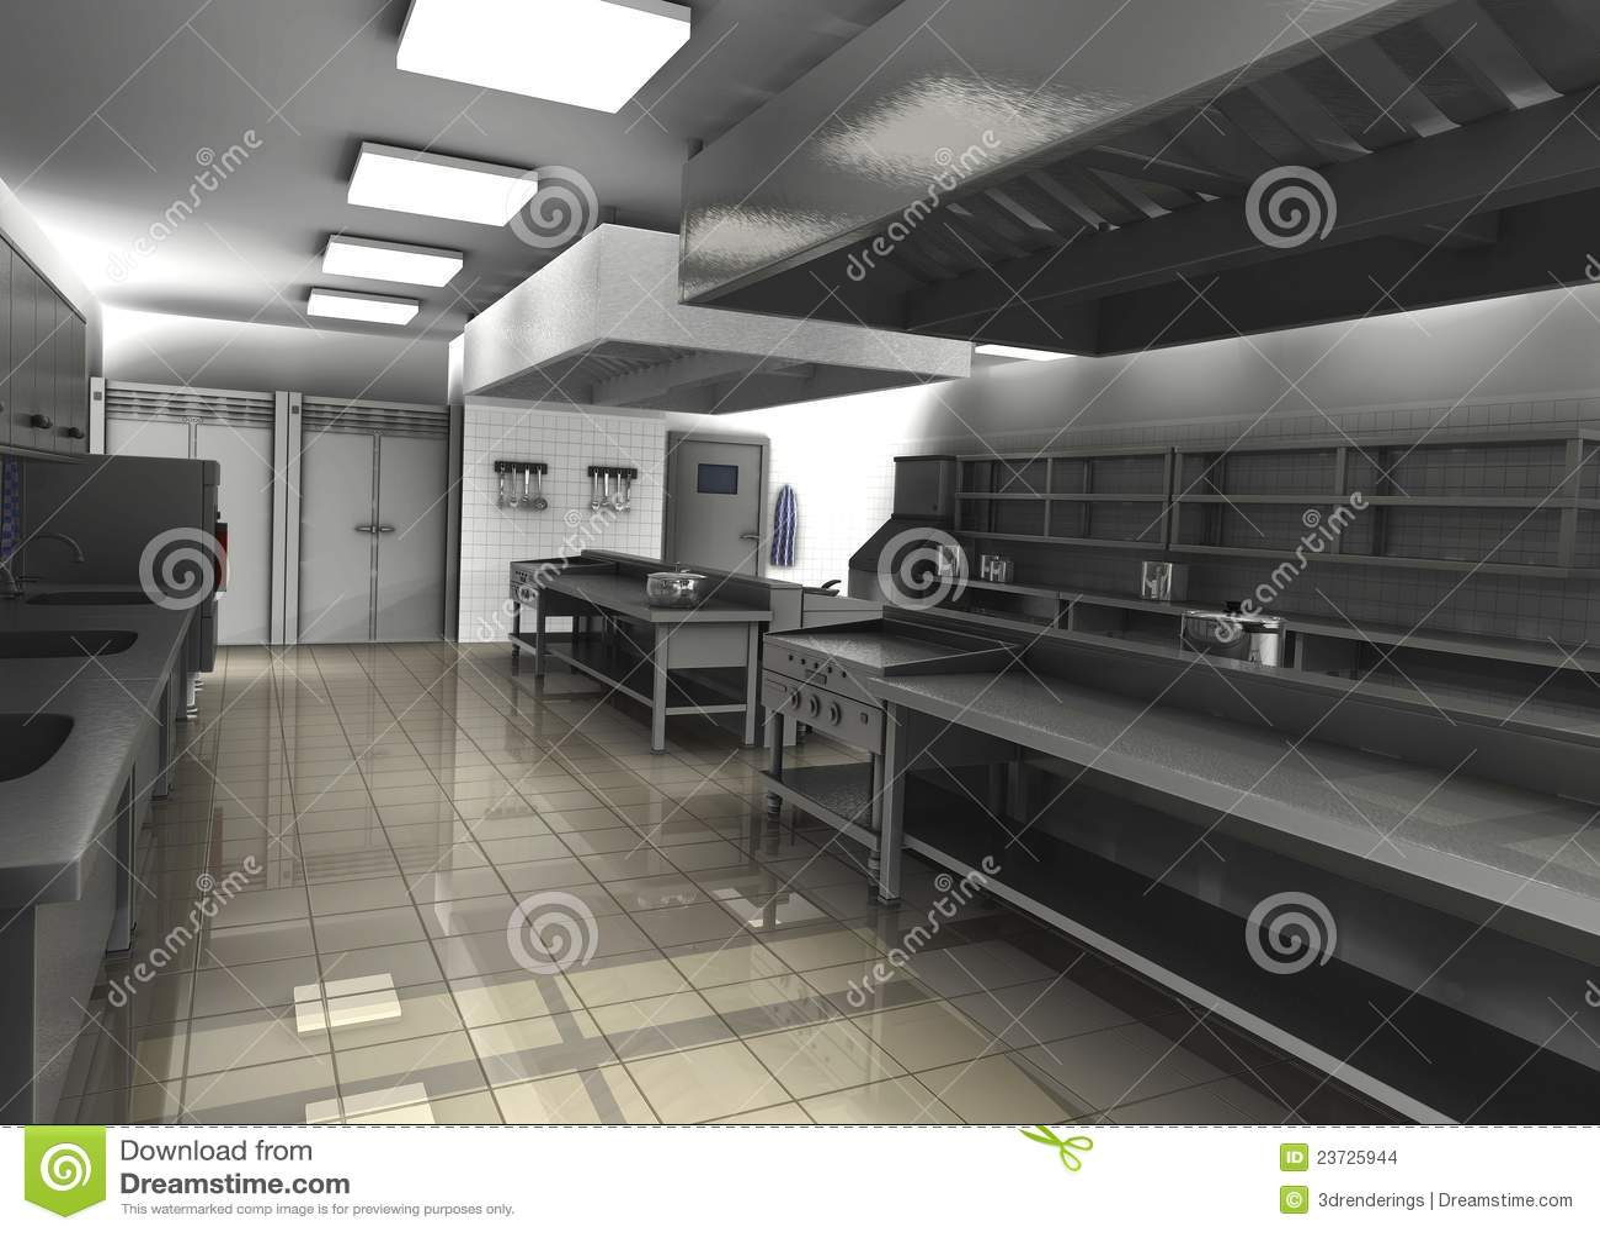 Cuisine professionnelle de restaurant videz images stock for Prix cuisine professionnelle restaurant